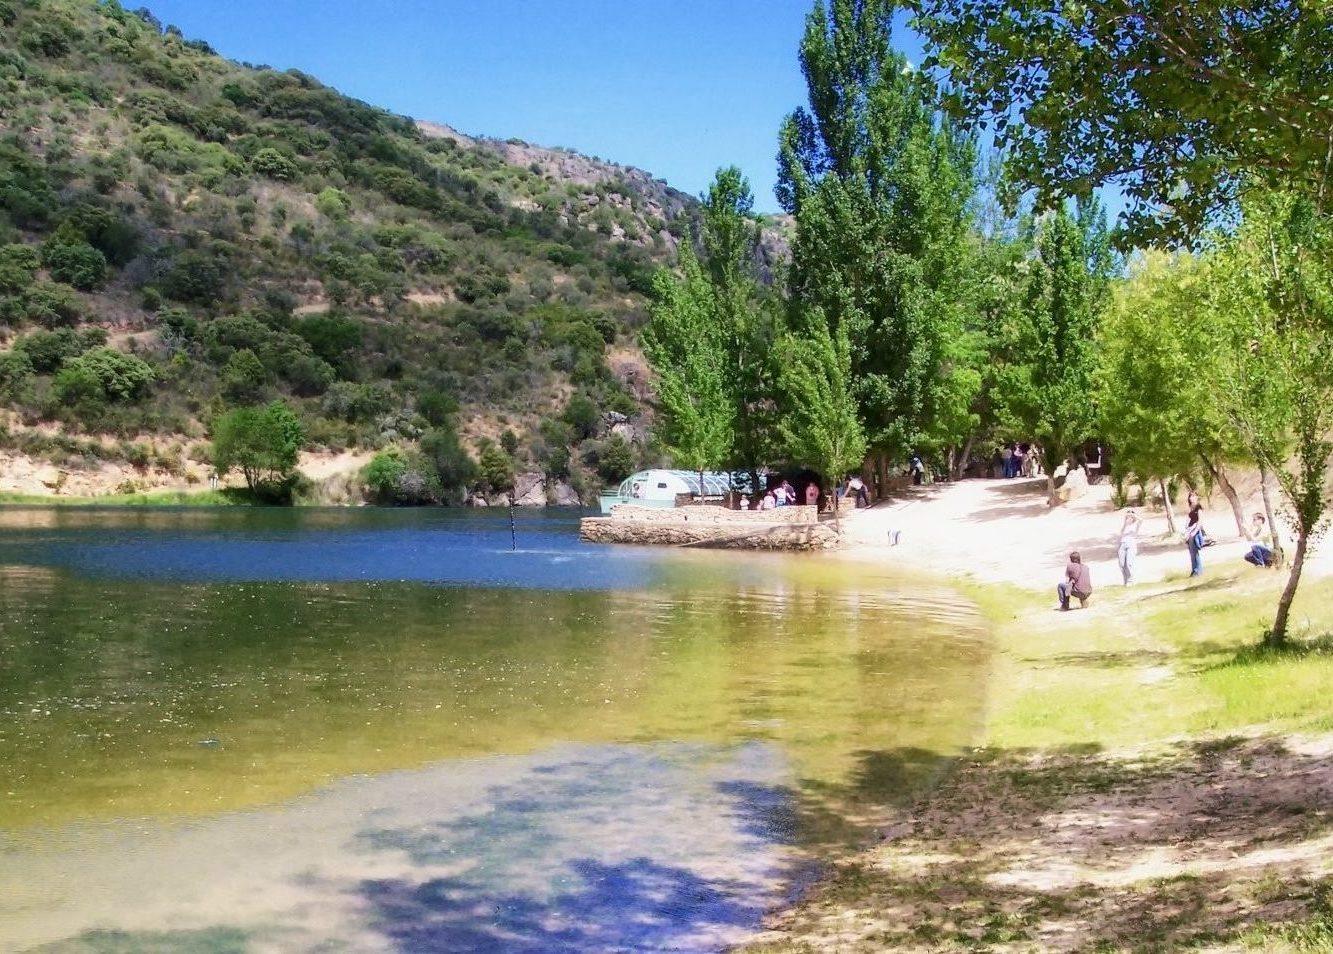 playa rostro arribes duero e1587737753220 - Arribes del Duero Natural Park-Castilla y León-Spain